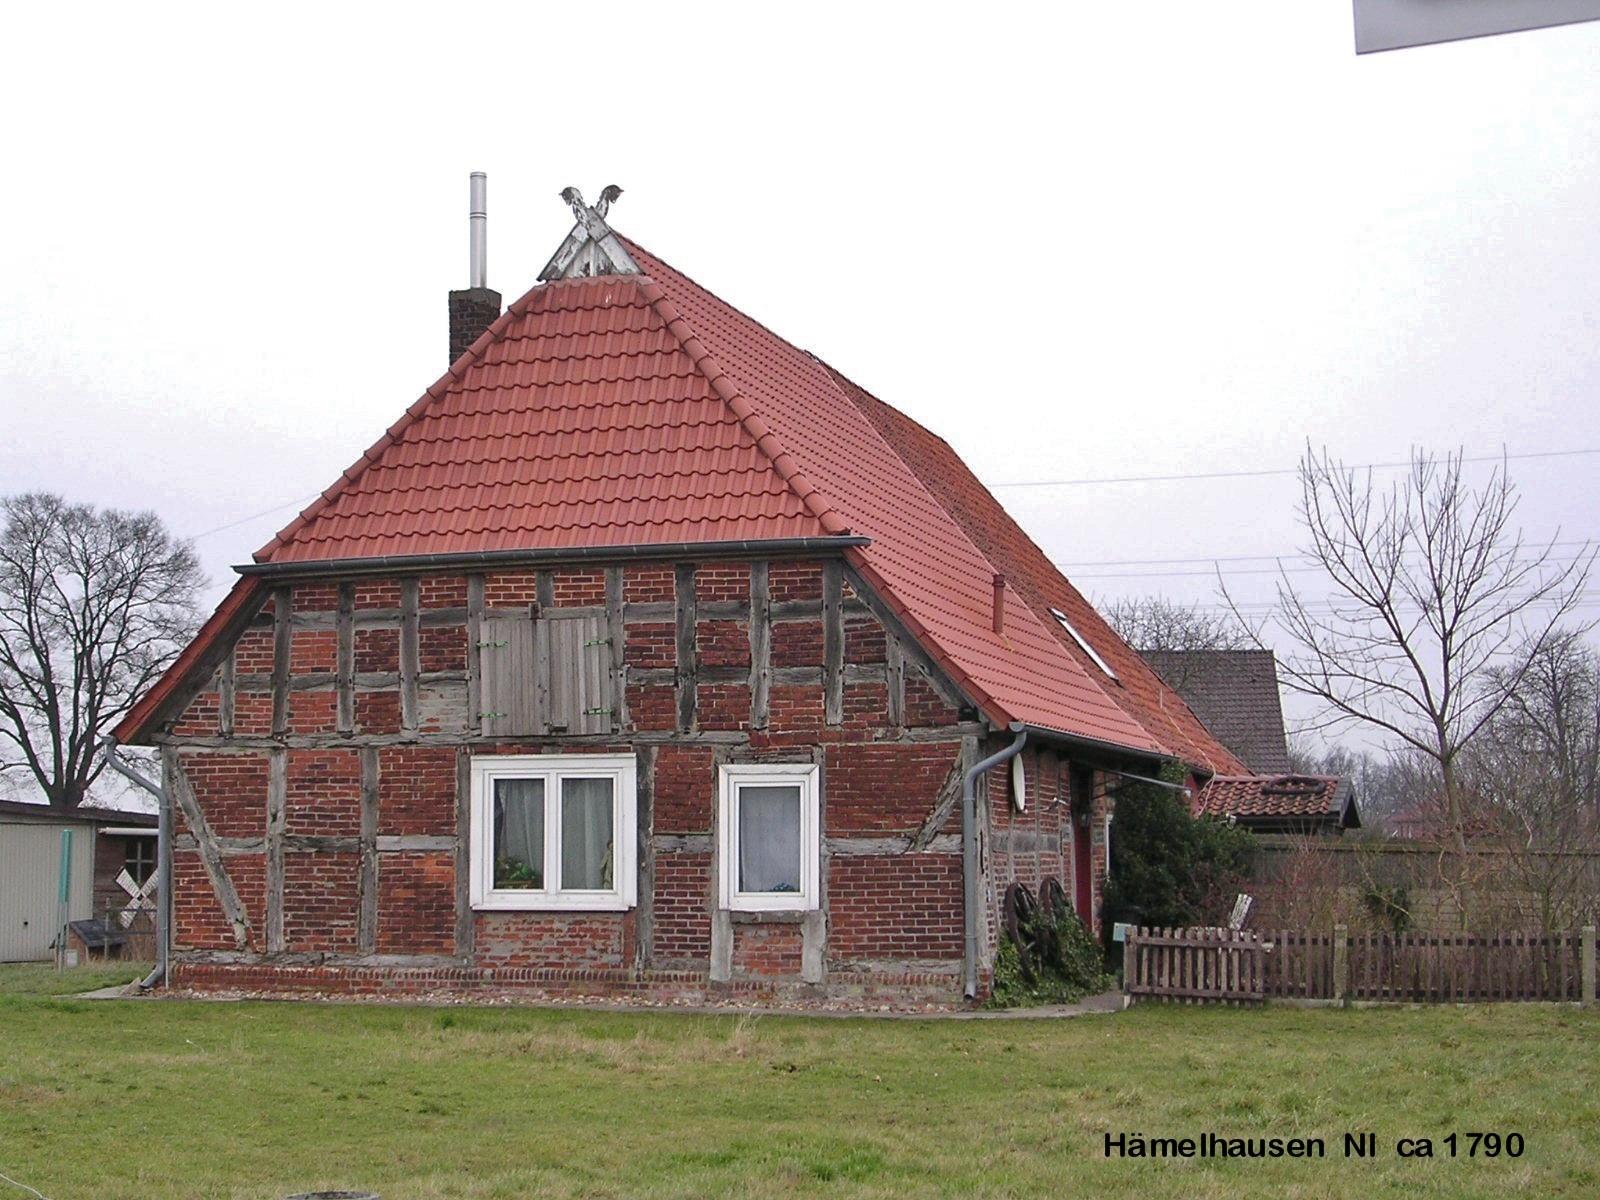 a-haemelhausen-ni